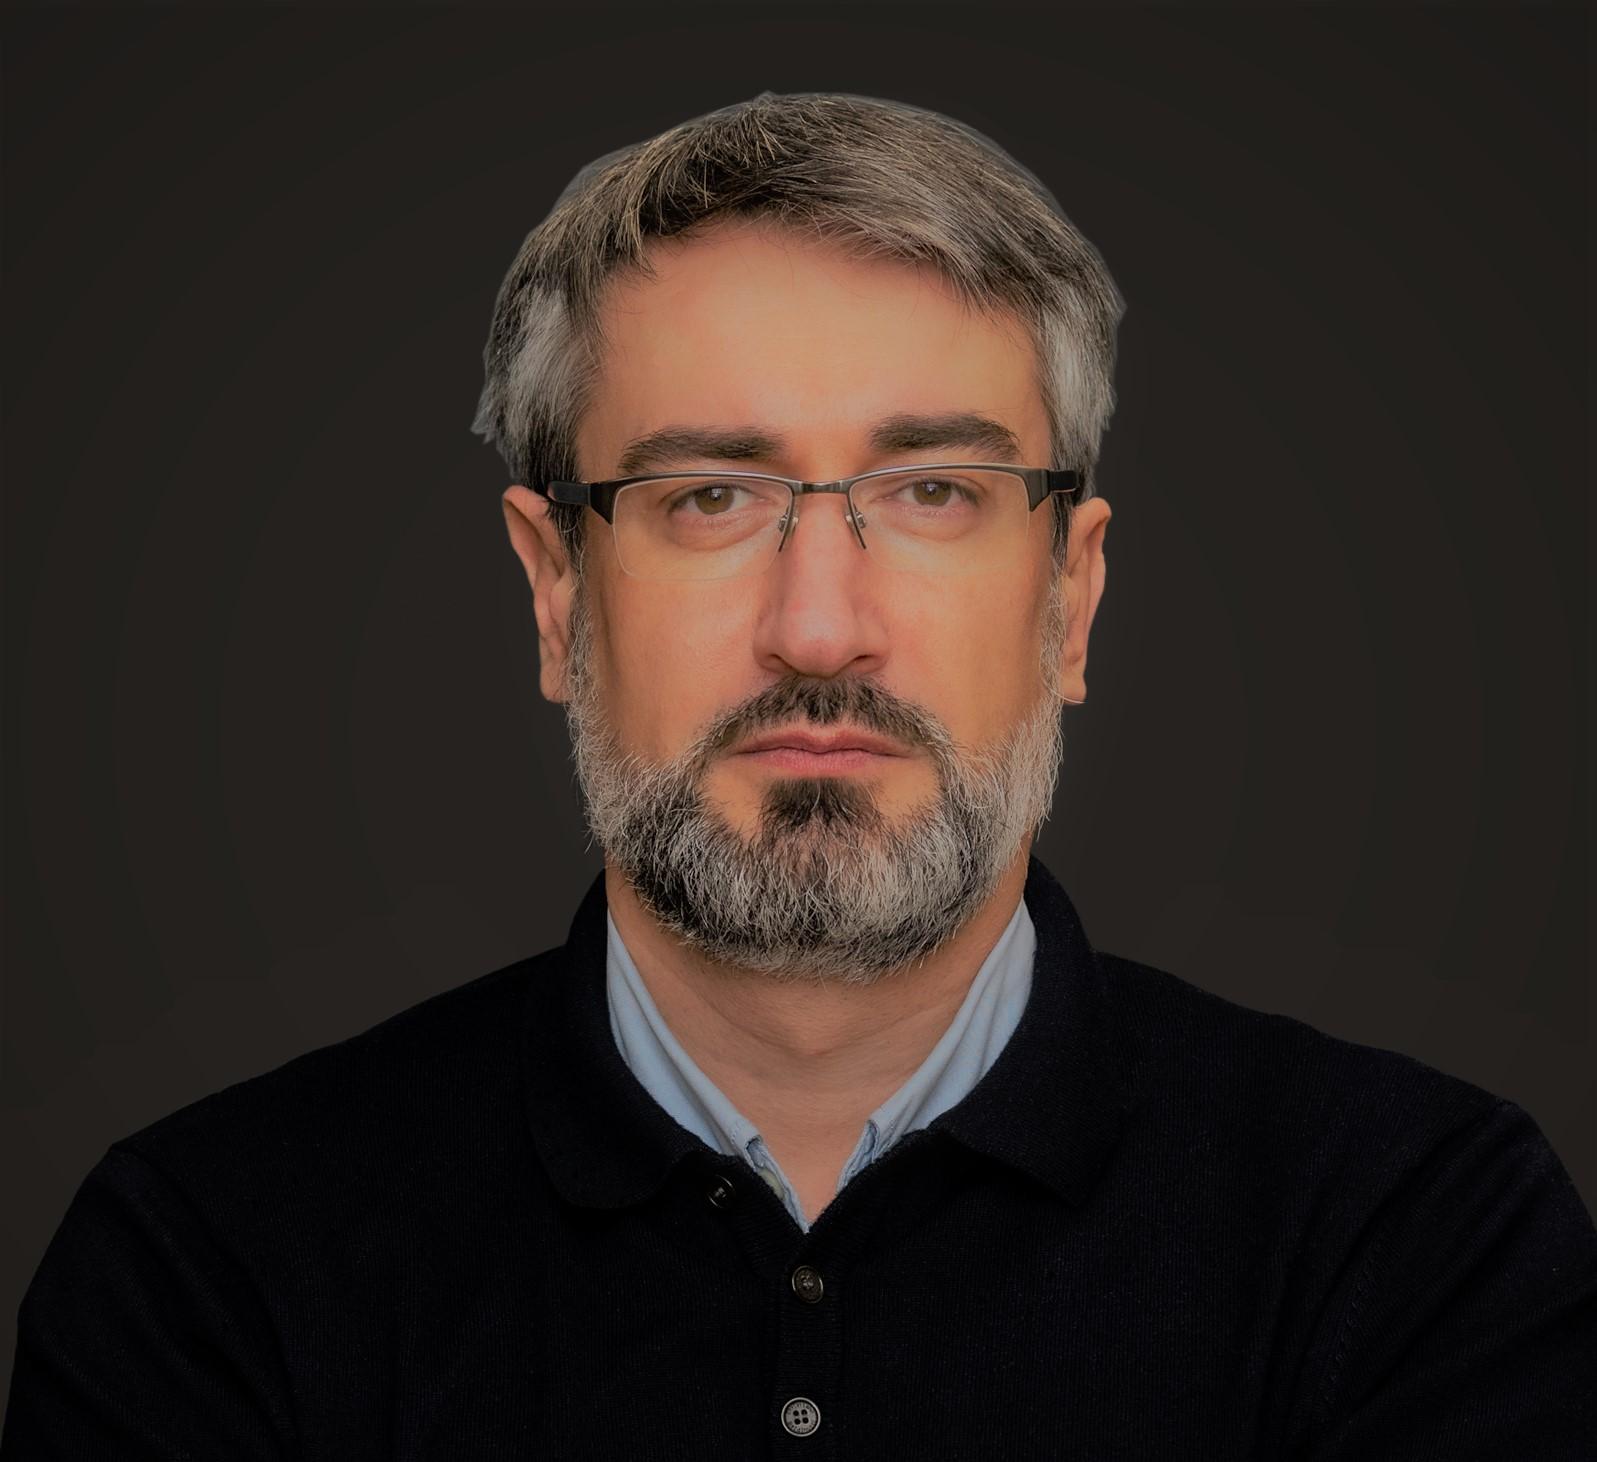 dmitriydzhurinskiy